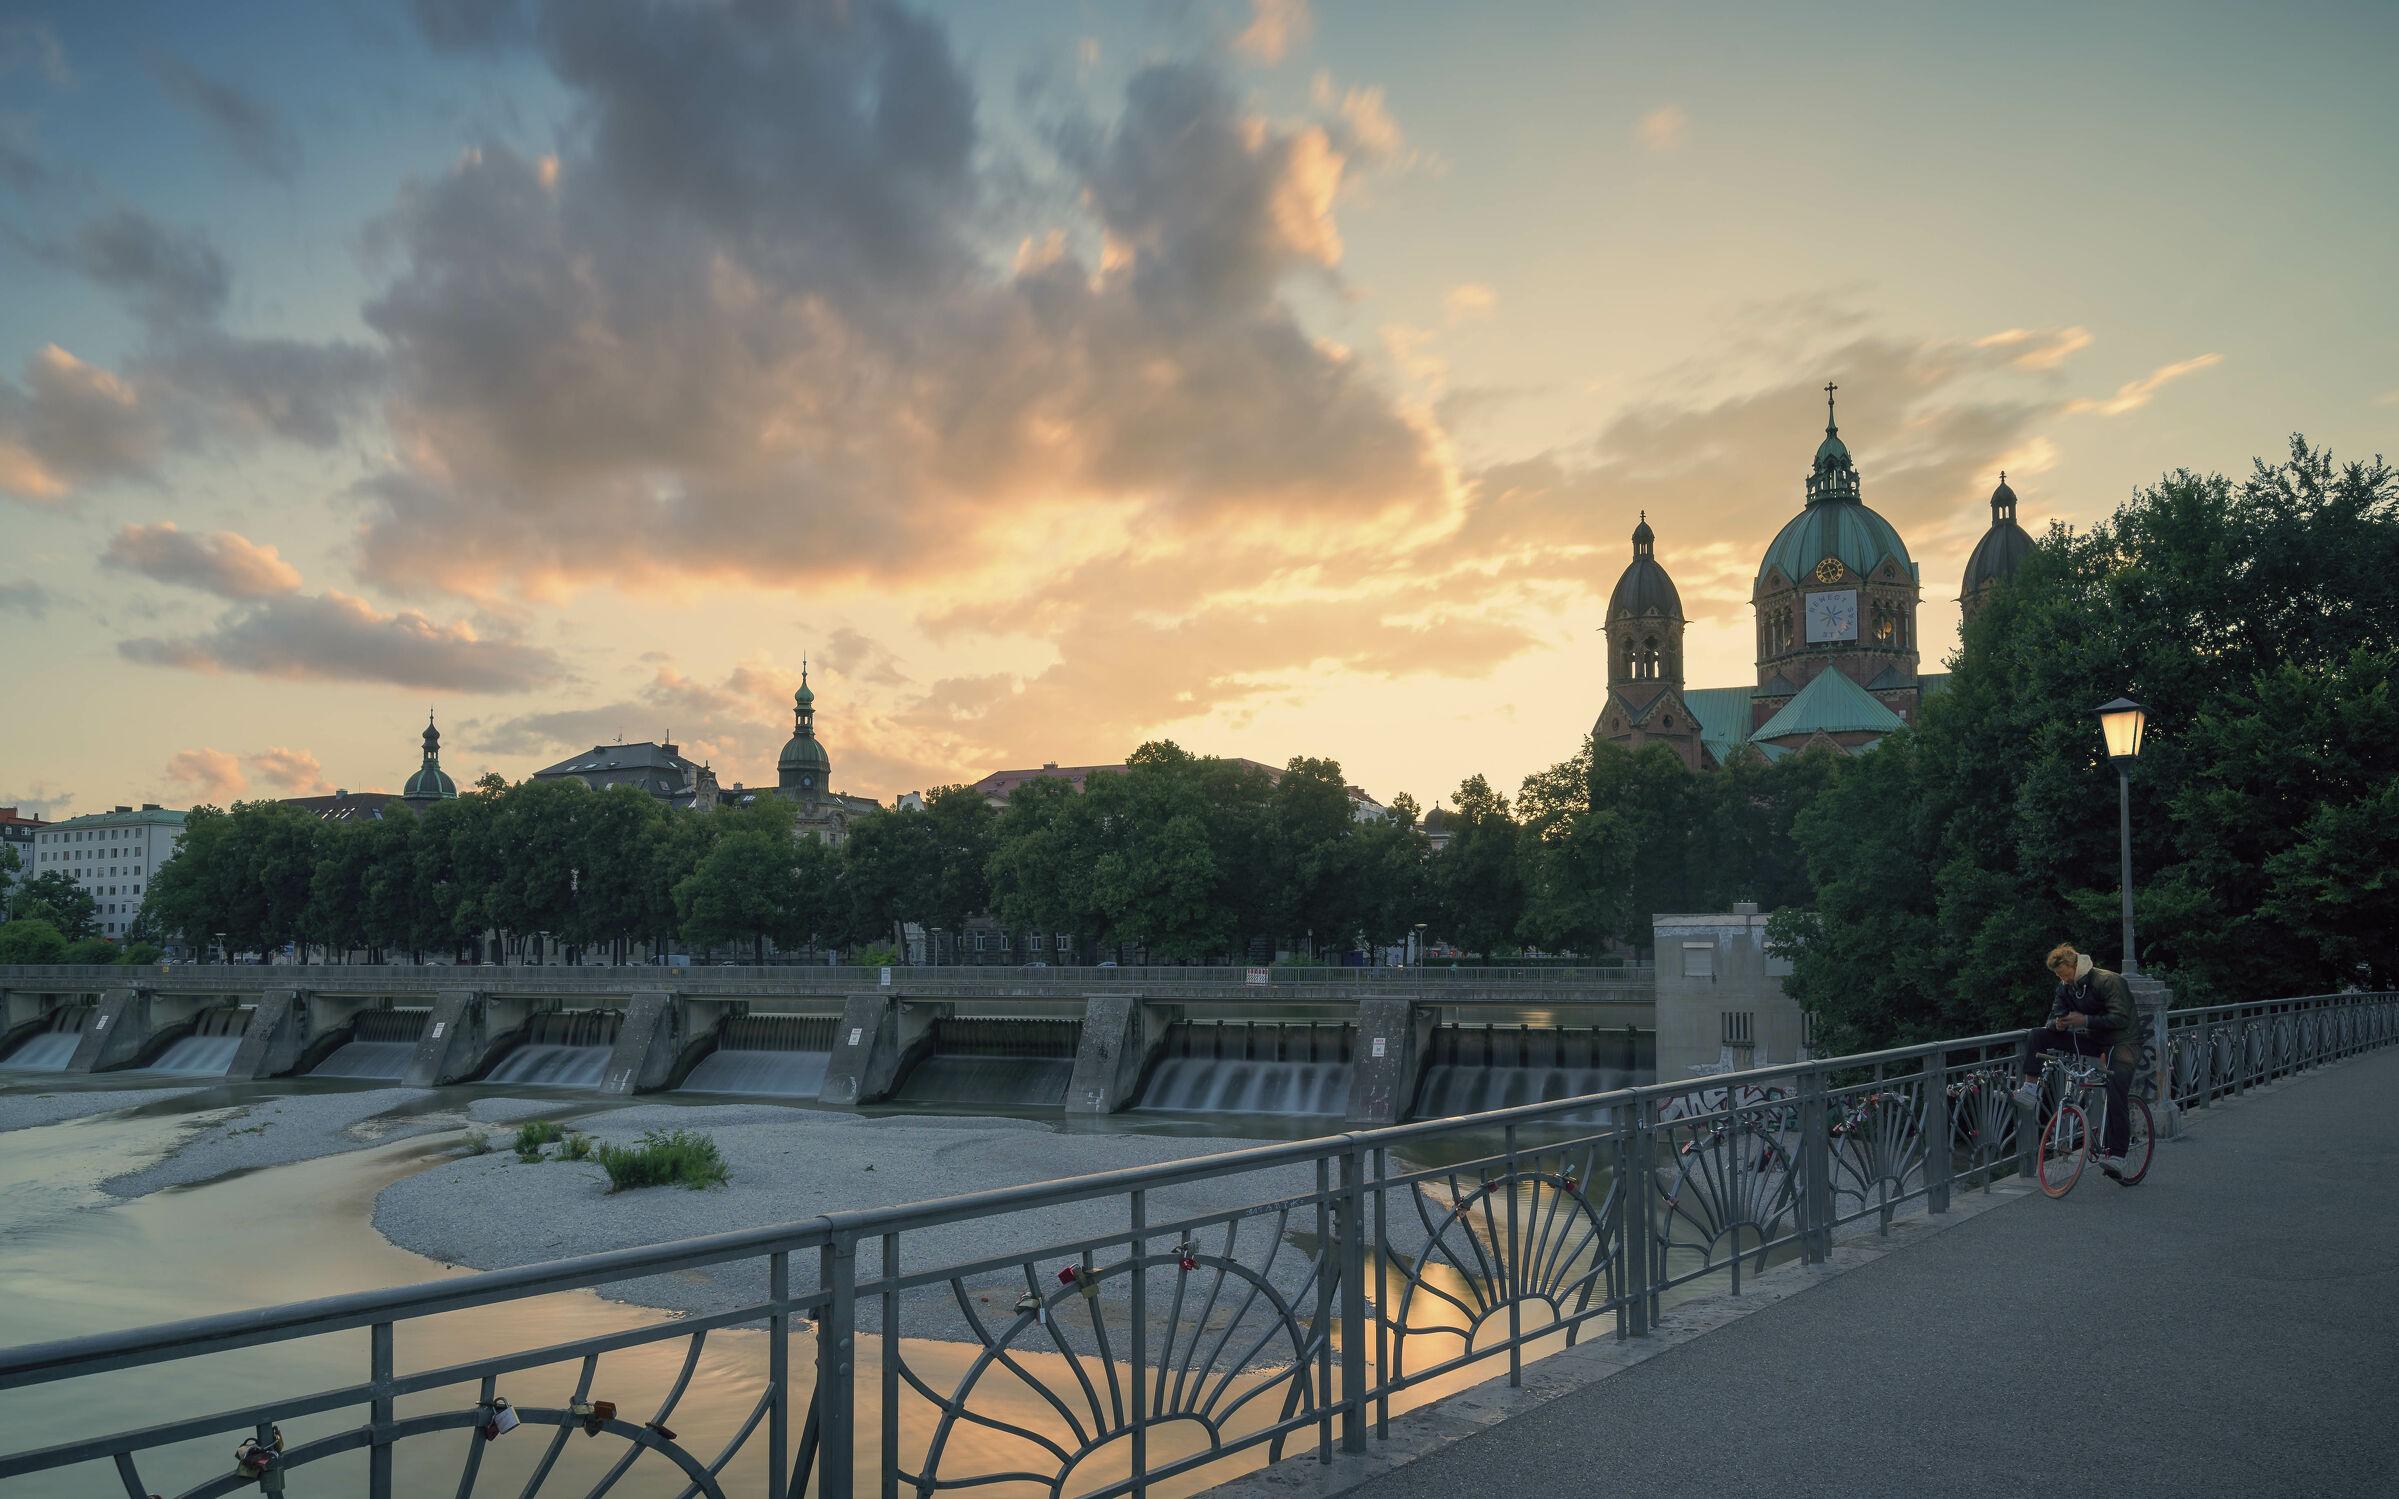 Bild mit Sonnenuntergang, Langzeitbelichtung, münchen, cityscape, München 2021, Kabelsteg